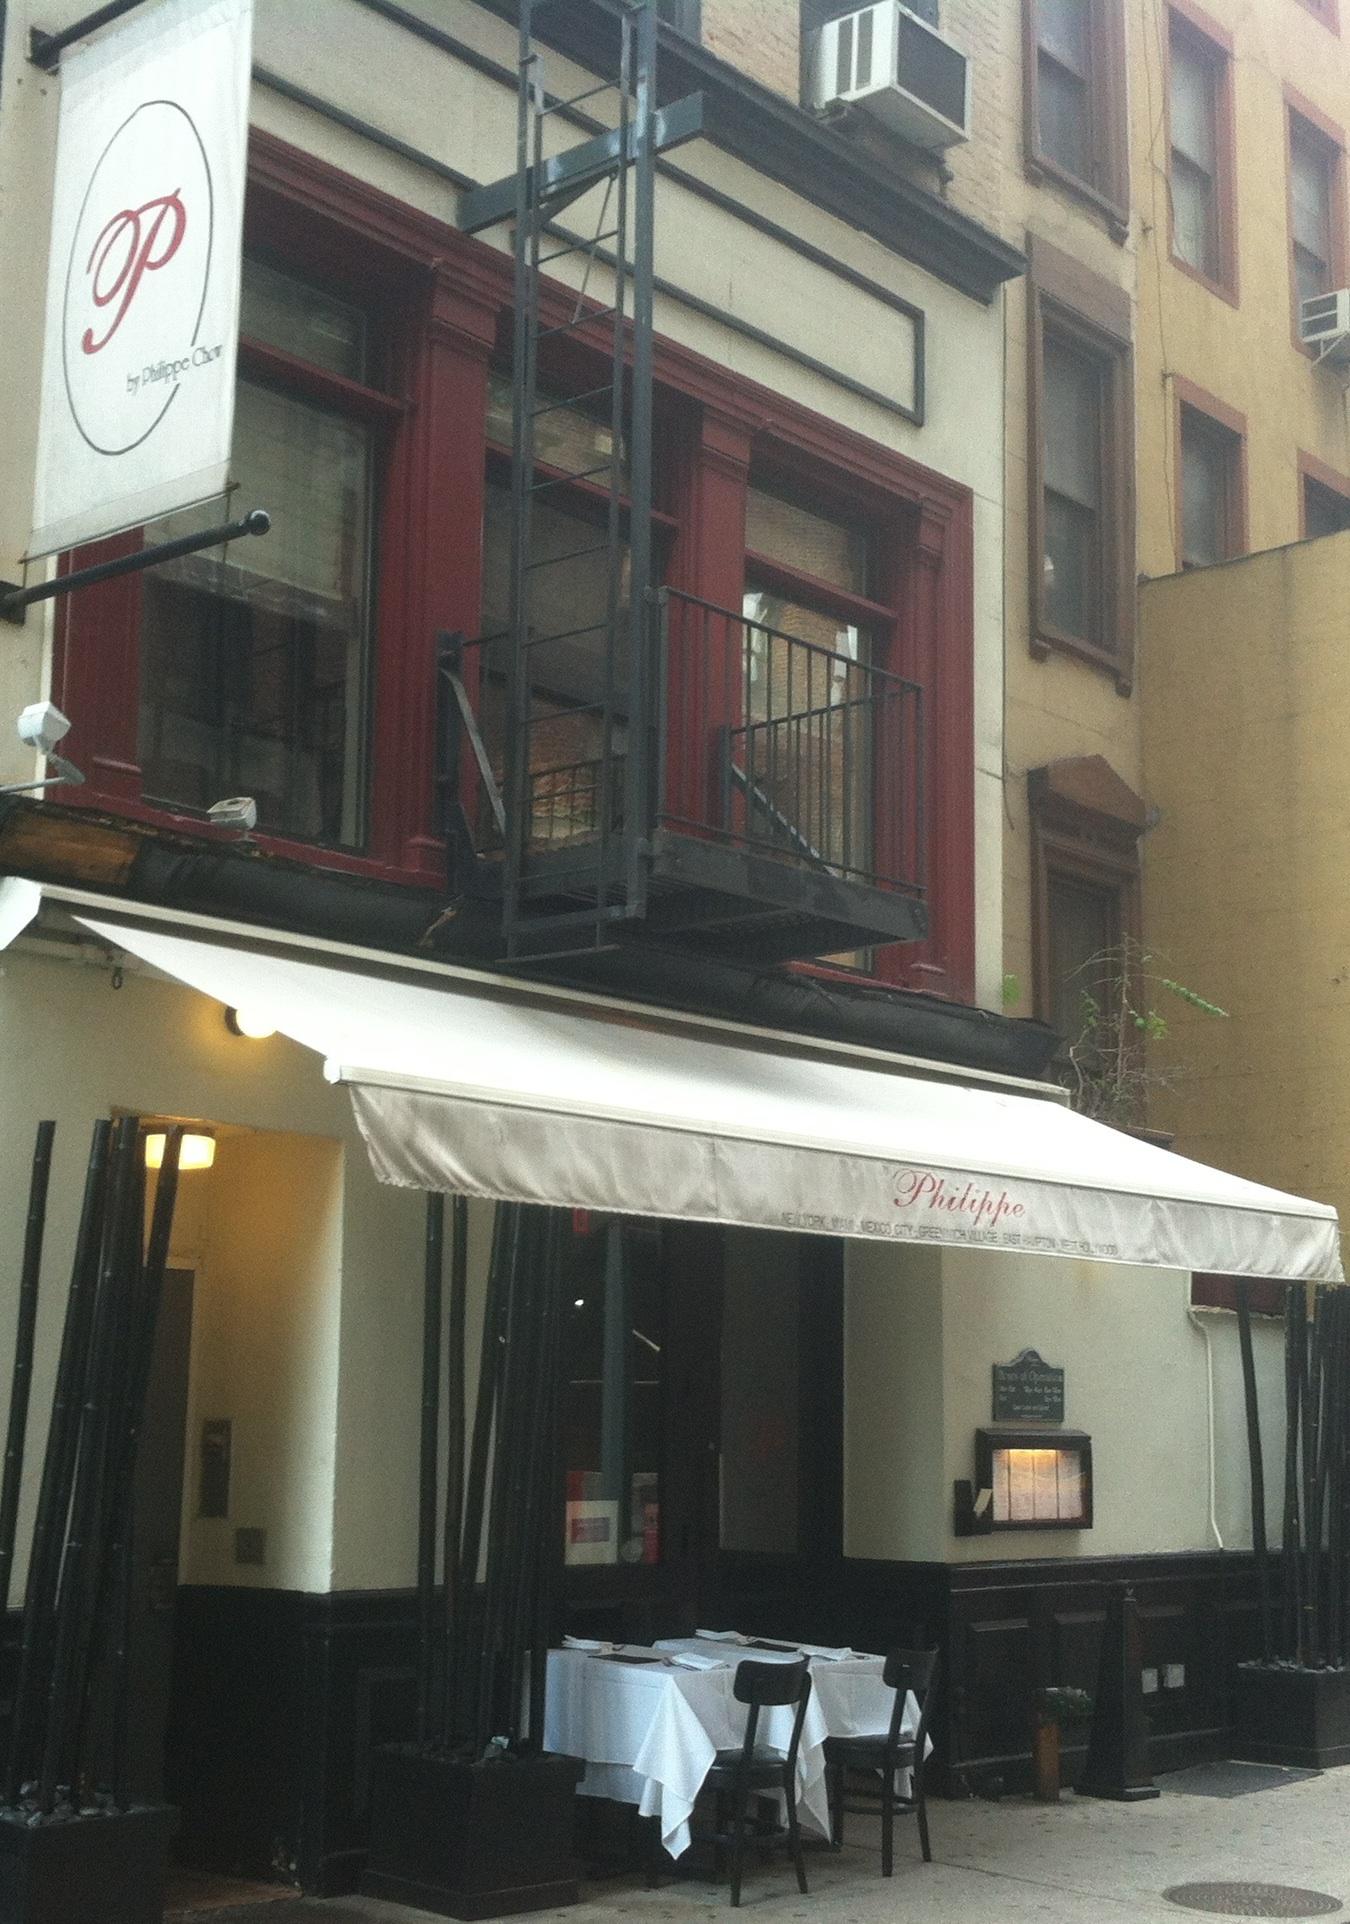 Demandan a Philippe Restaurant Por Violaciones de Pago de Propina y Horas Extras